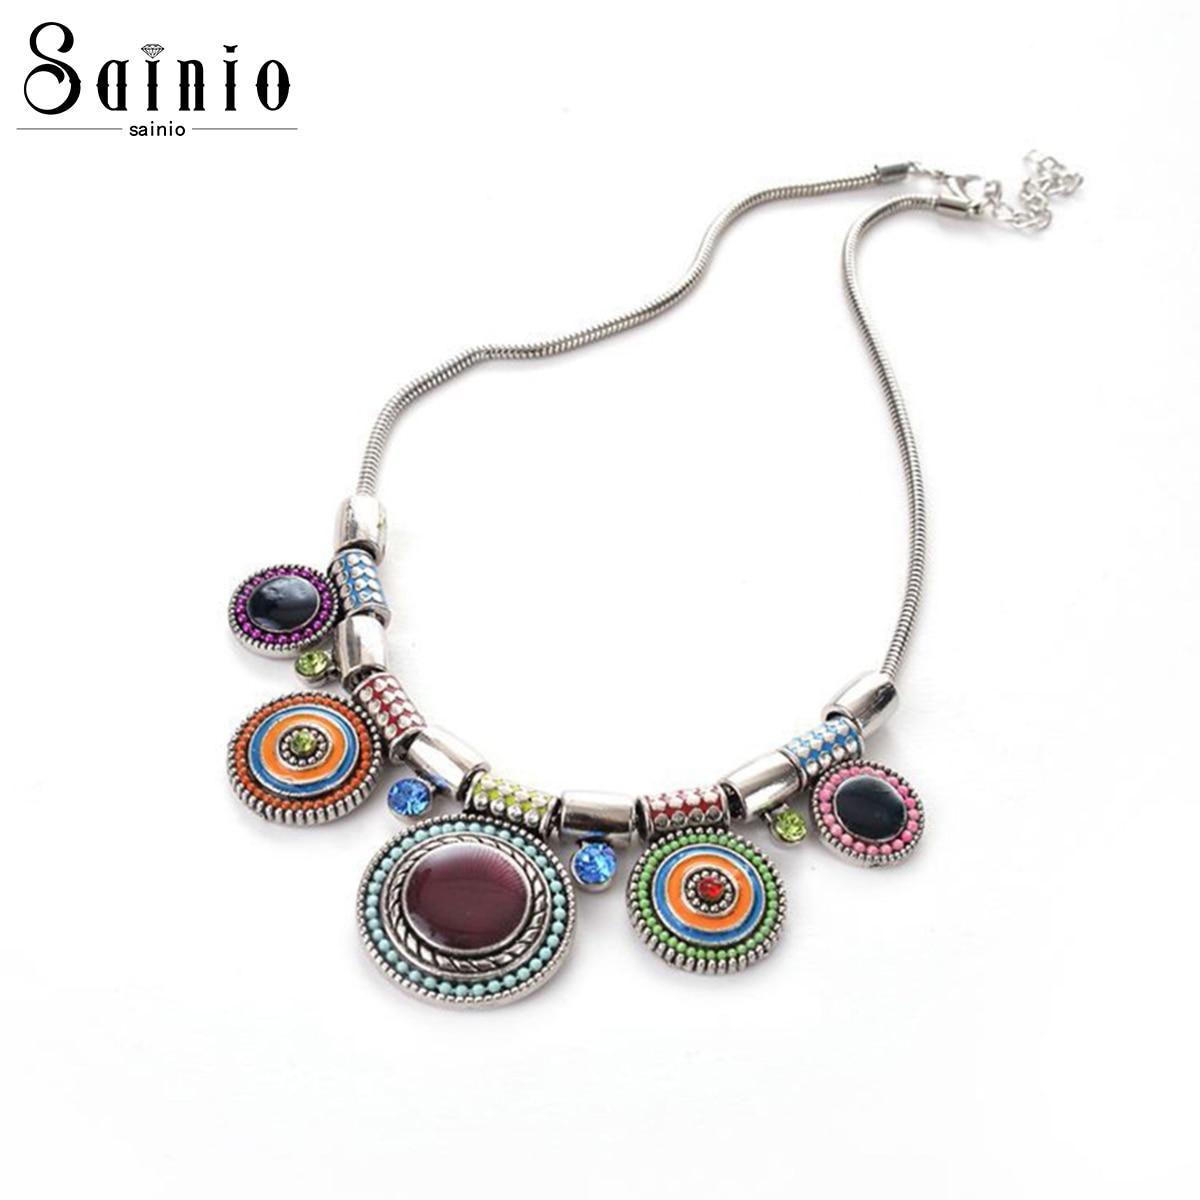 [해외]Vintage Choker Pendants&Necklace Crystal Boho Necklaces Ethnic Bohemian Jewelry Statement Colorful Bijoux Femme Mujer/Vintage Choker Pendants&